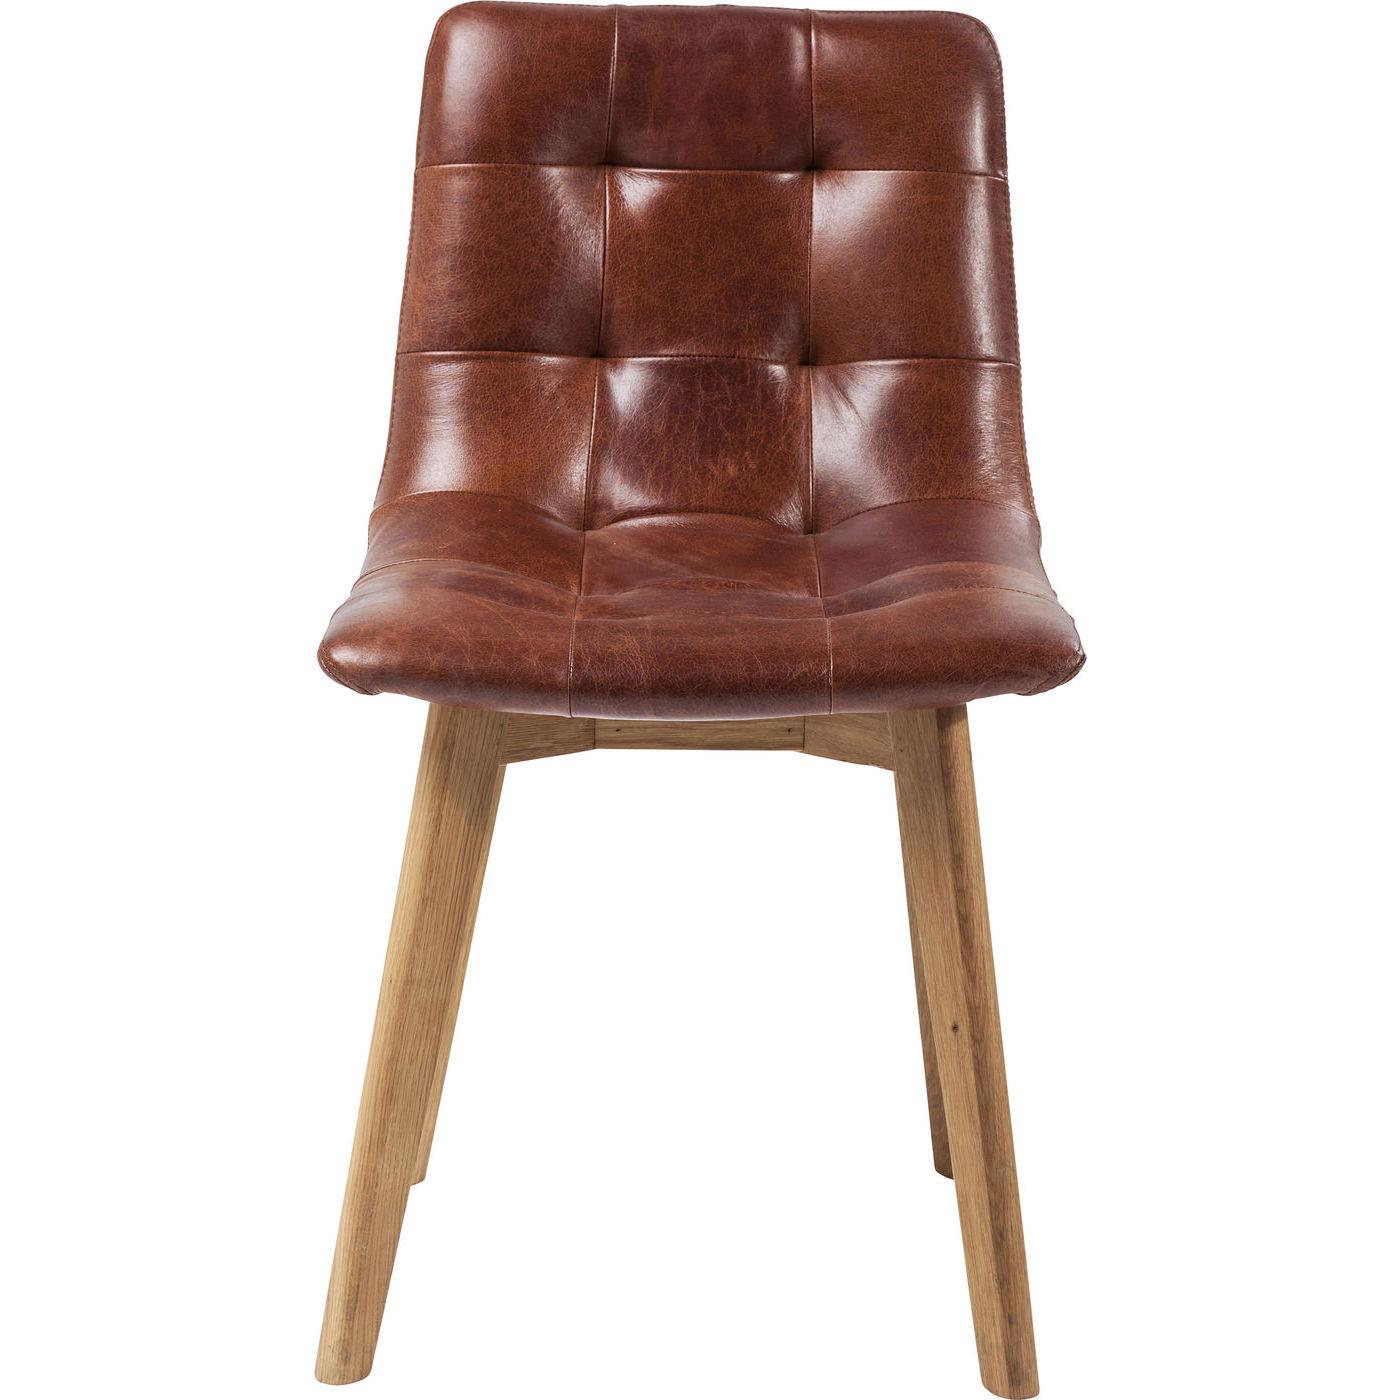 Image of   Kare Design Spisebordsstol, Moritz Leather